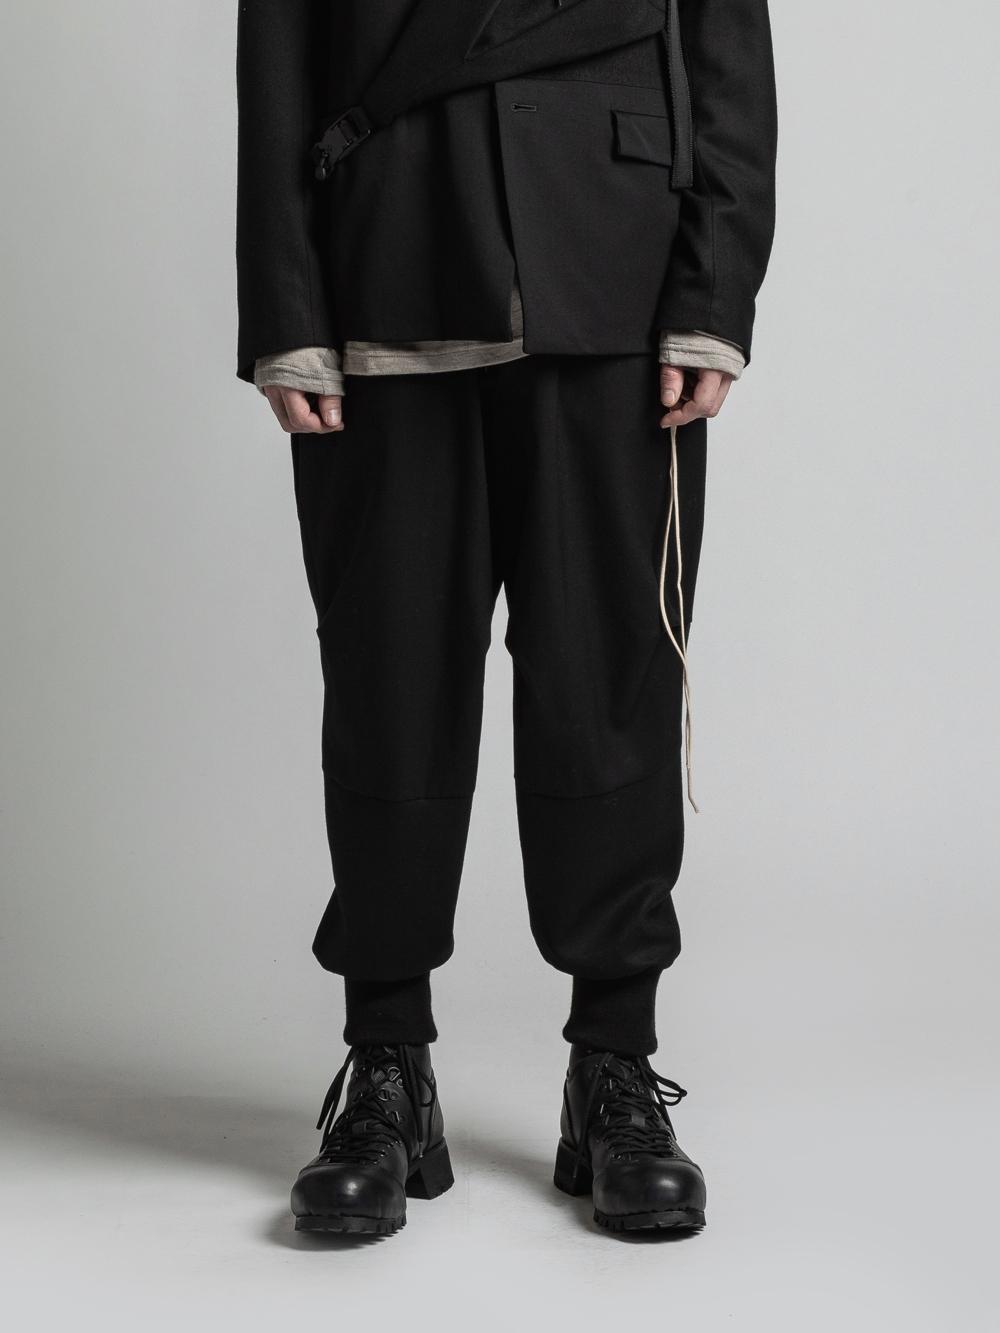 VI-3266-04 / ウールコンビネーション裾リブパンツ